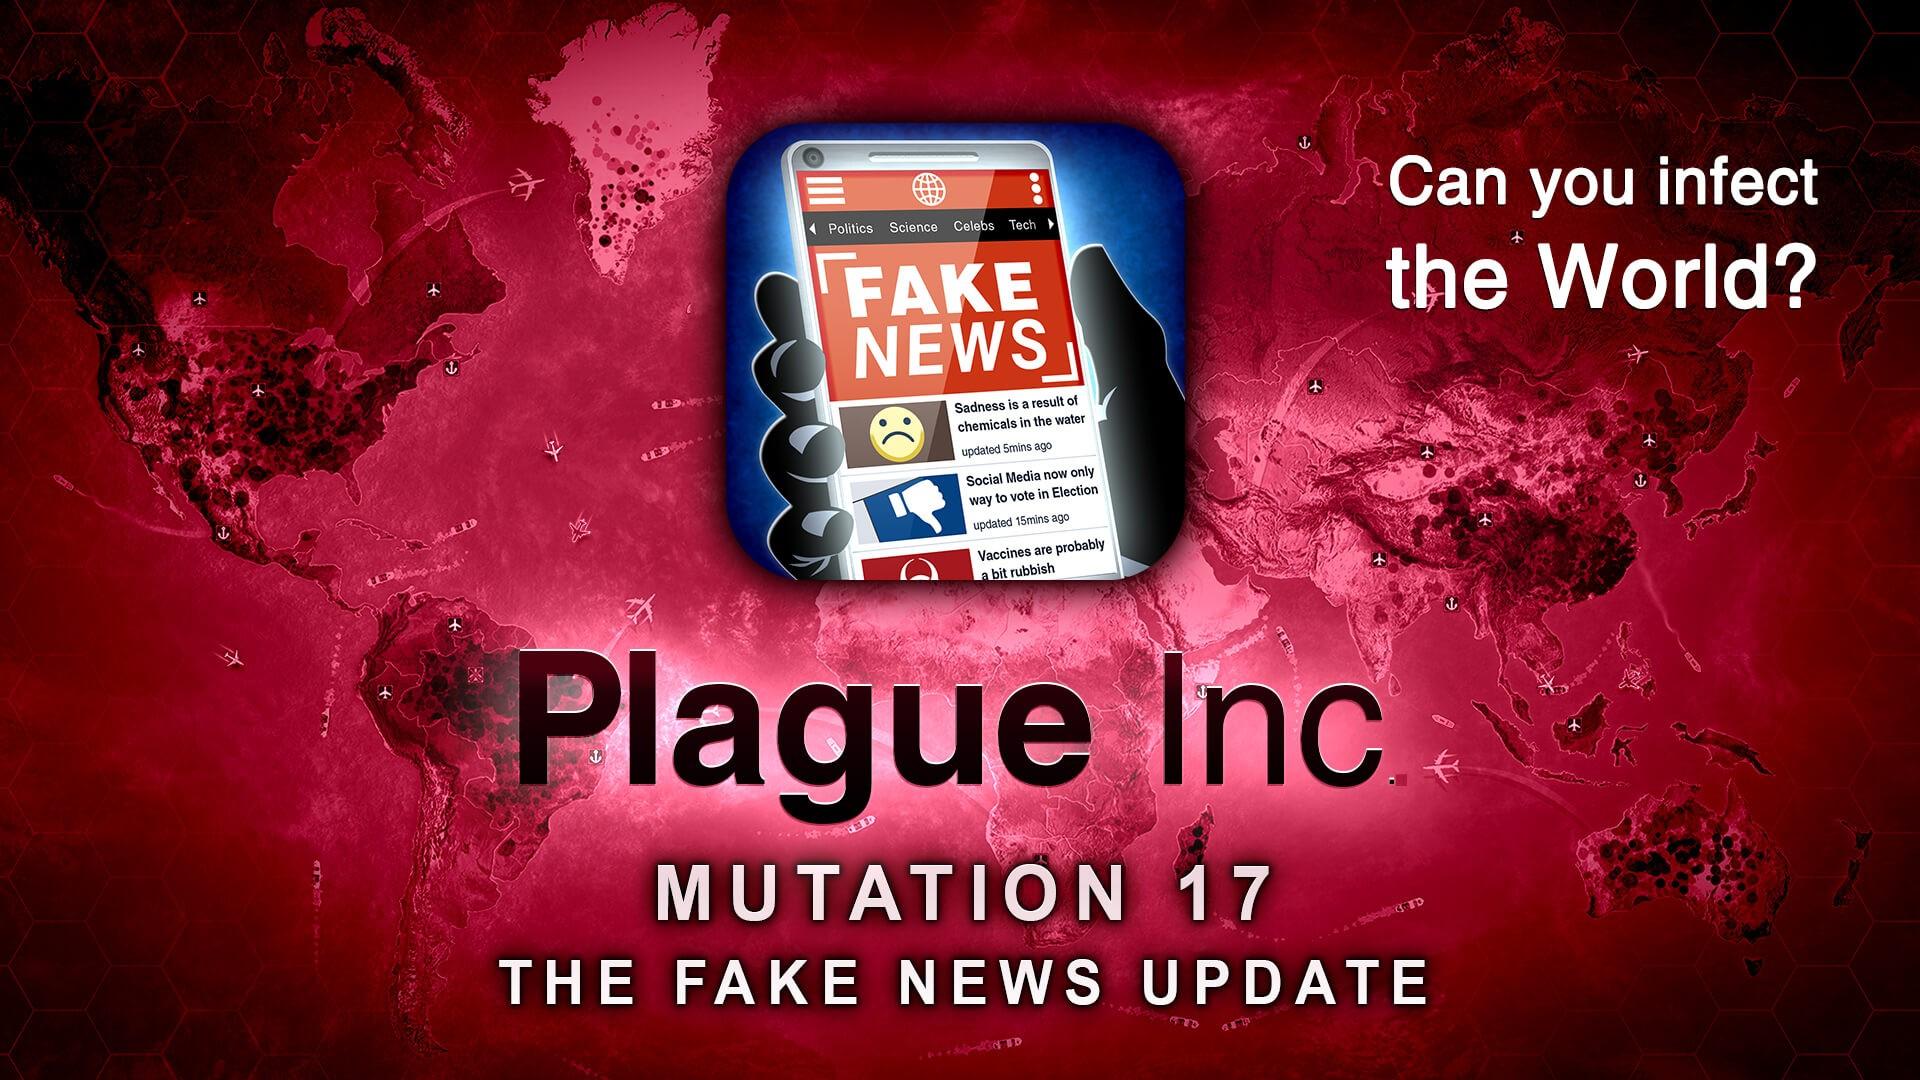 Фальшивые новости в Plague Inc заменят смертельные вирусы